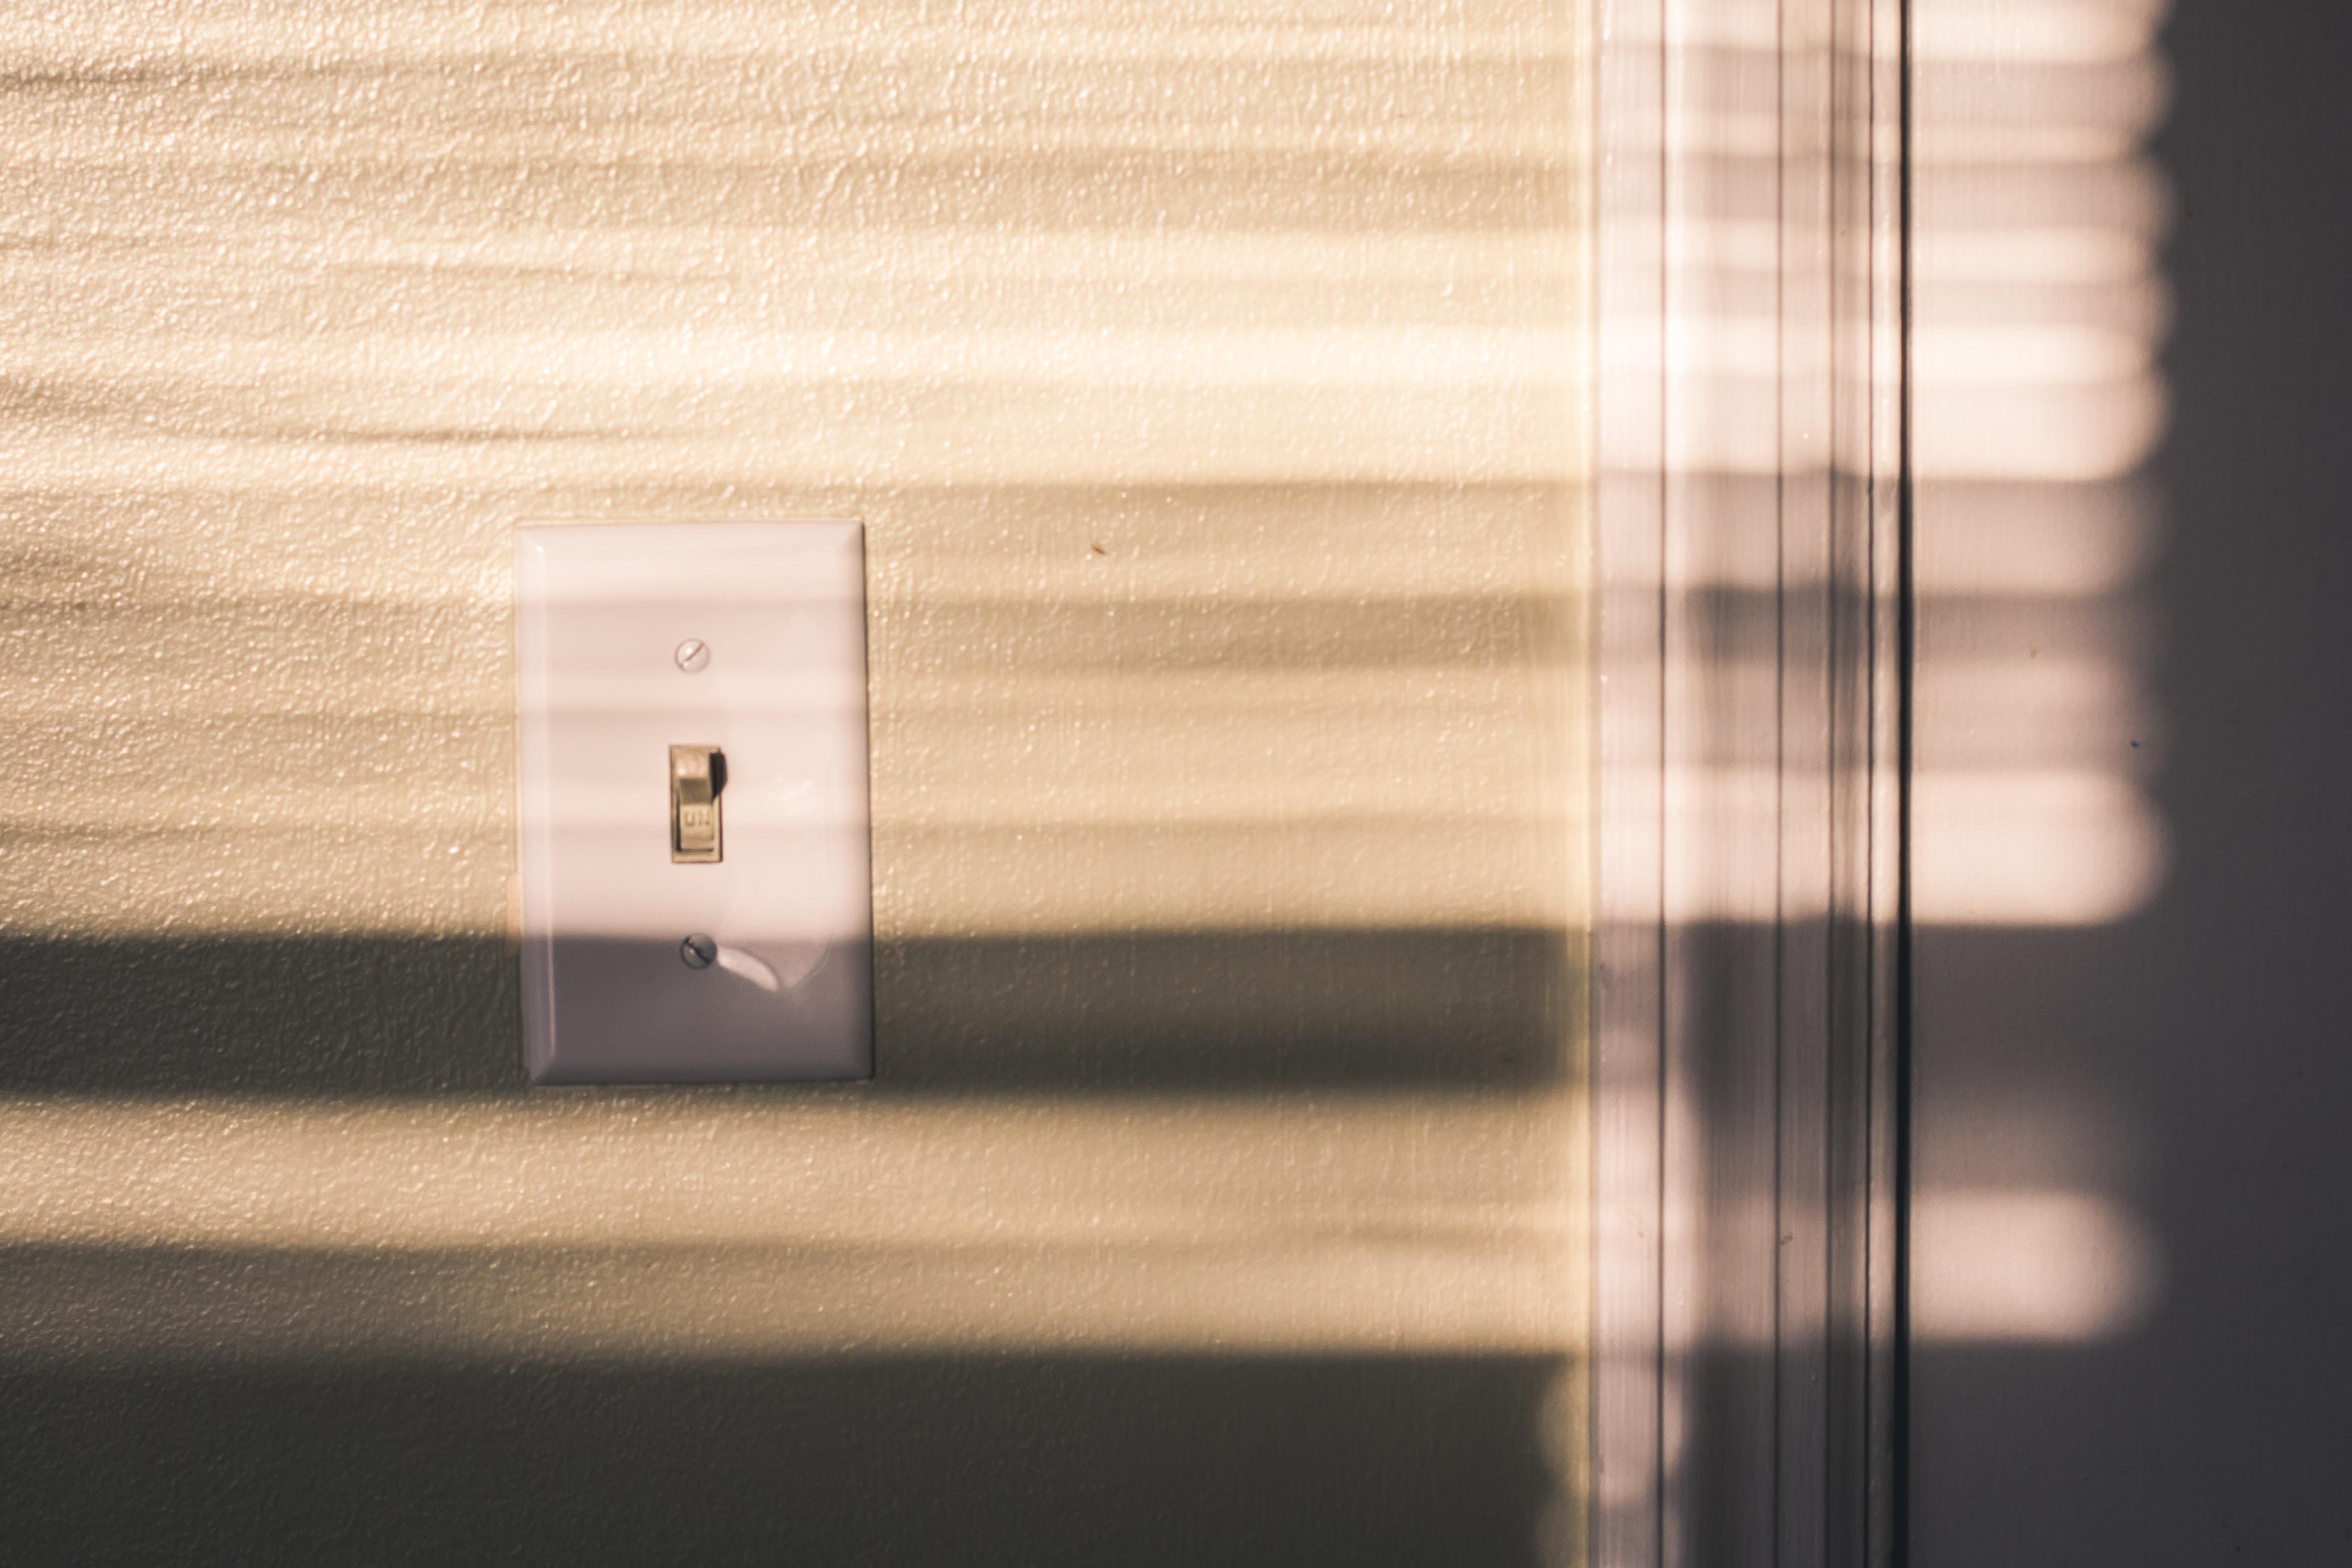 ค่าไฟฟ้า พลังงานไฟฟ้า การประหยัดพลังงานไฟฟ้า วิธีประหยัดไฟฟ้า